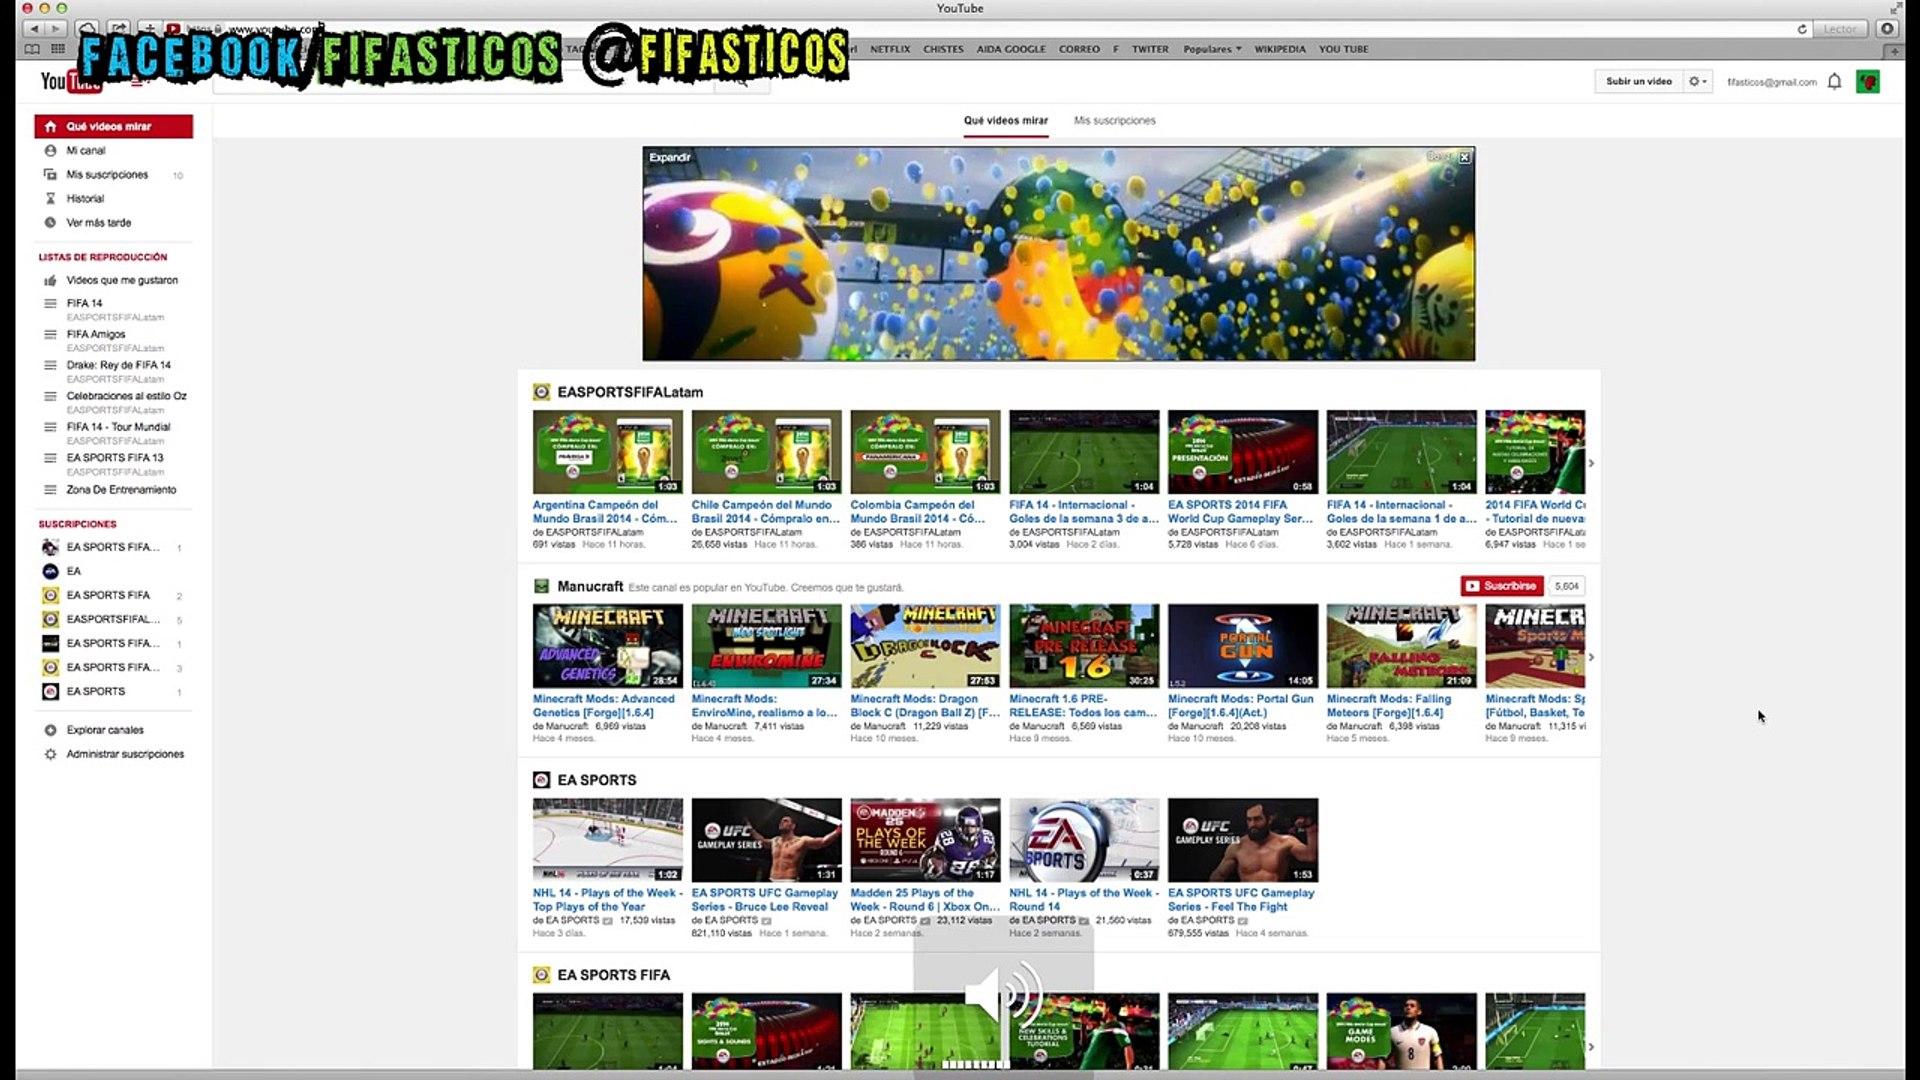 Sorprendente anuncio de FIFA World Cup Brazil 2014 !!